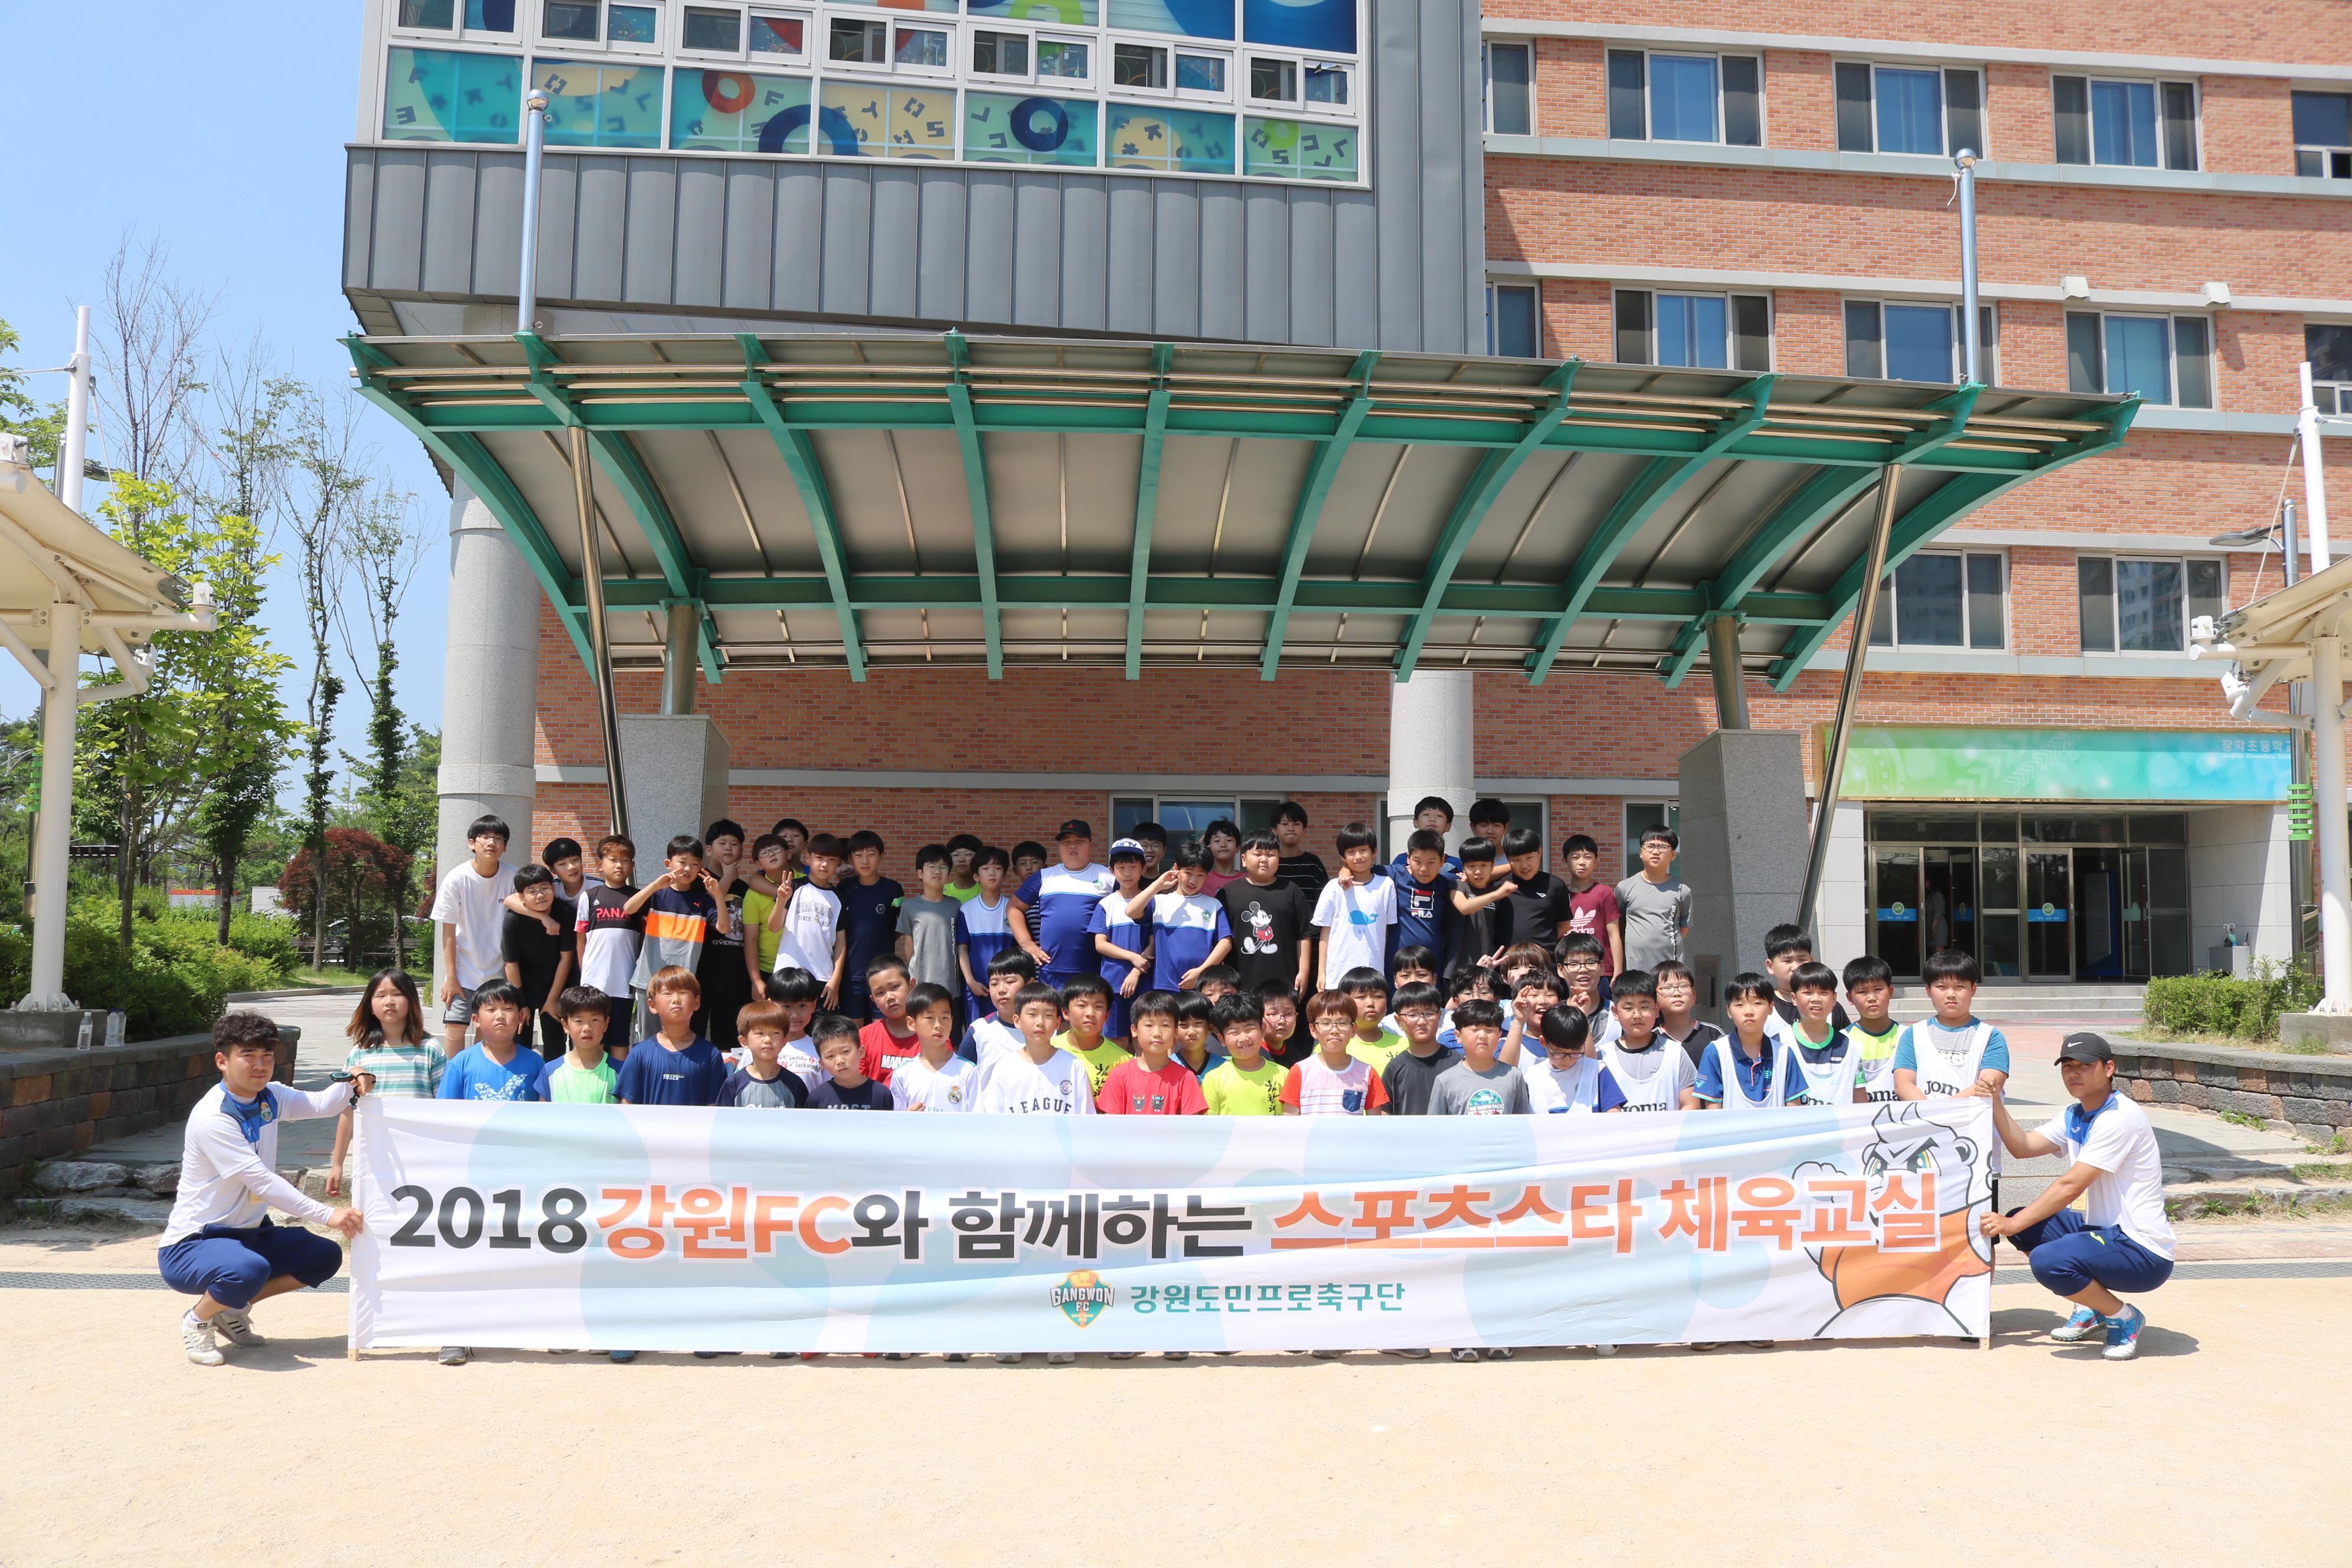 강원FC, '지역밀착활동' 춘천 장학초 축구클리닉 실시